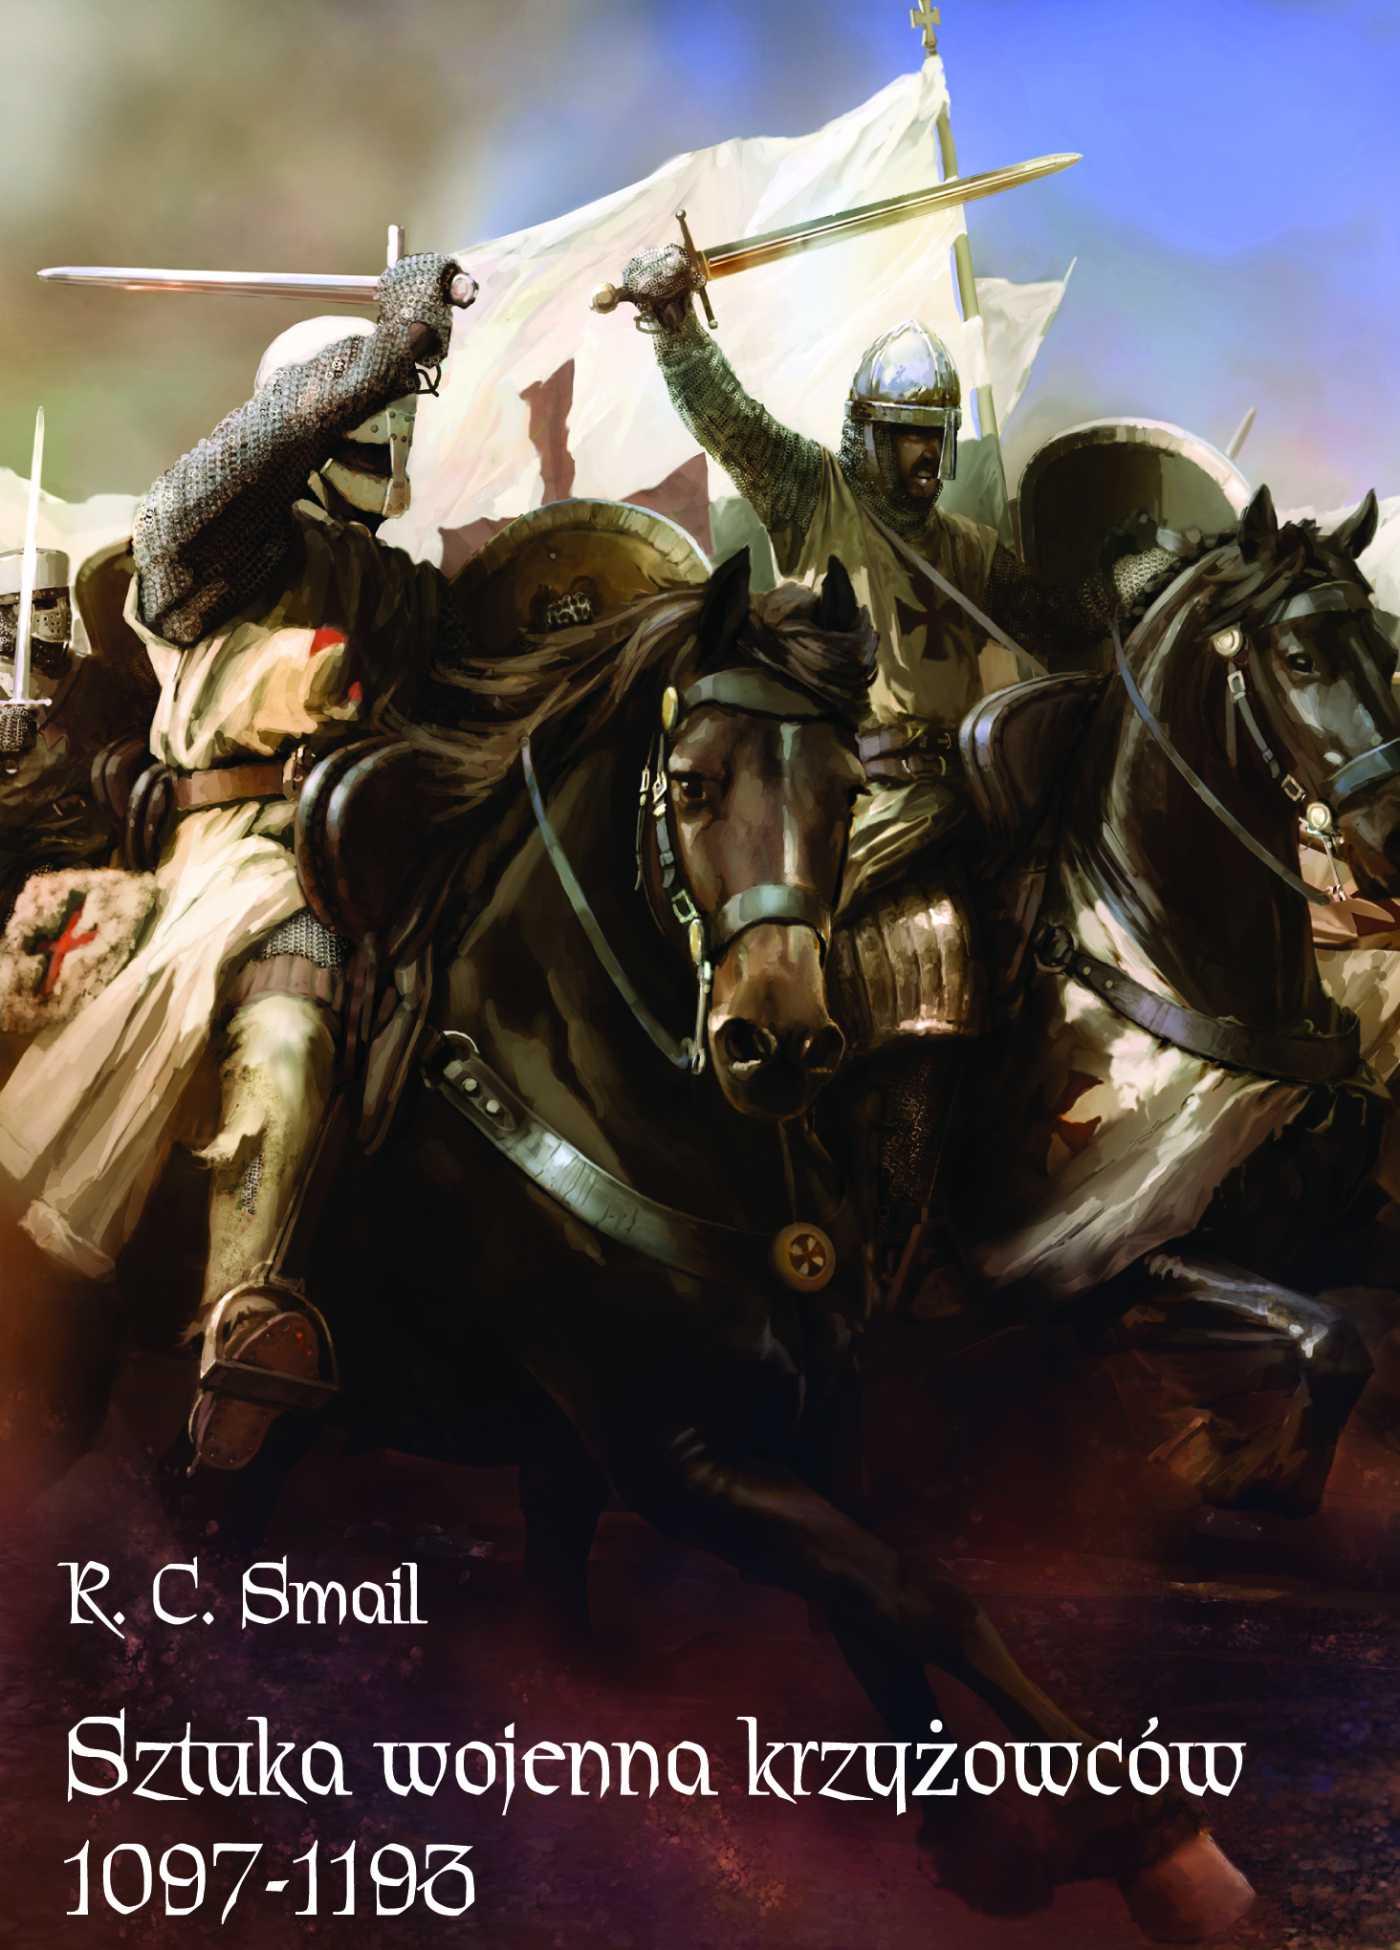 Sztuka wojenna krzyżowców 1097-1193 - Ebook (Książka na Kindle) do pobrania w formacie MOBI